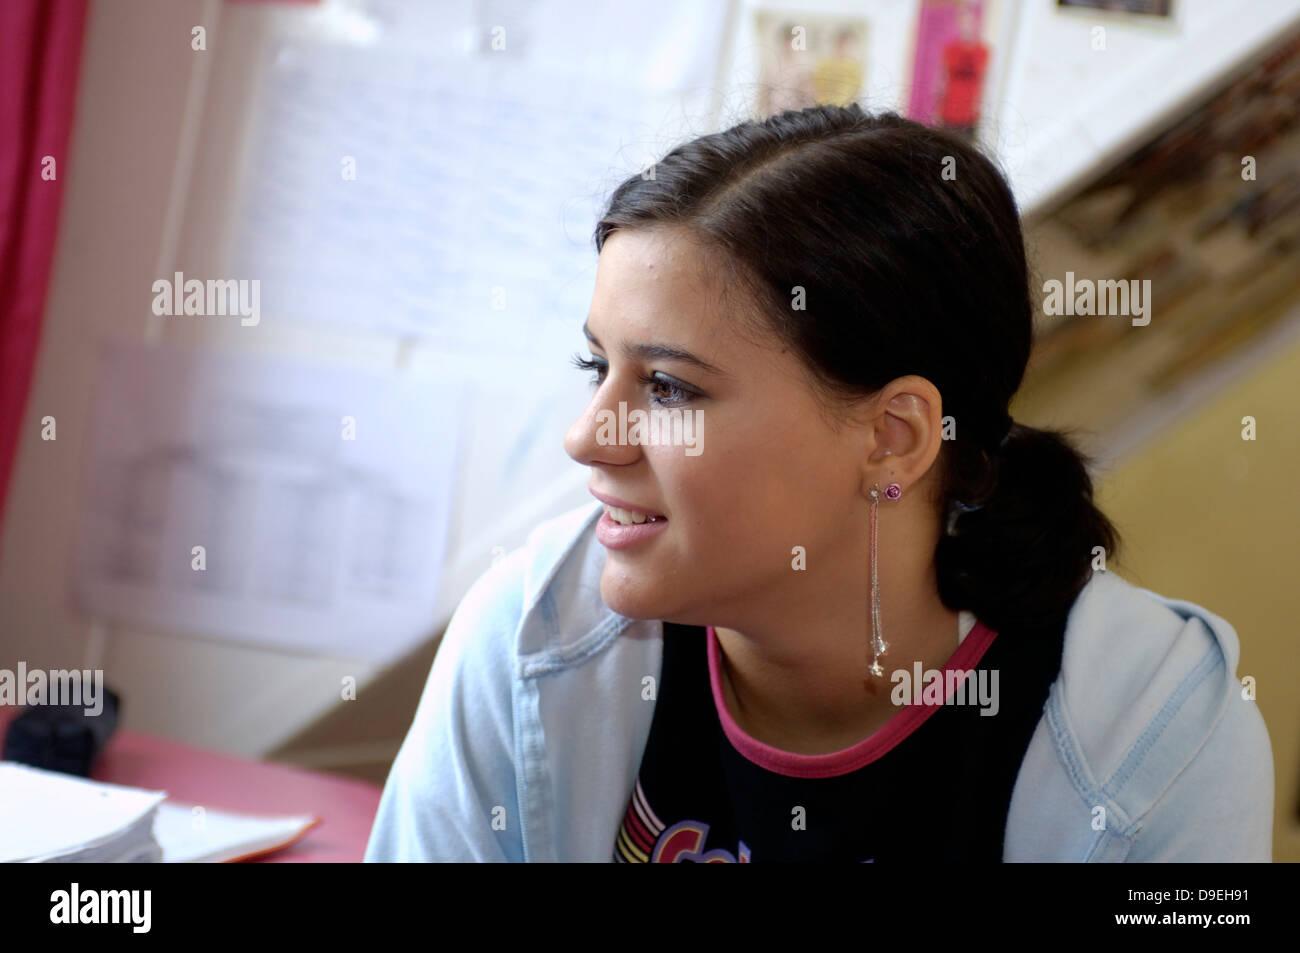 (Model Release) Junge Mädchen in seinem Zimmer Stockbild